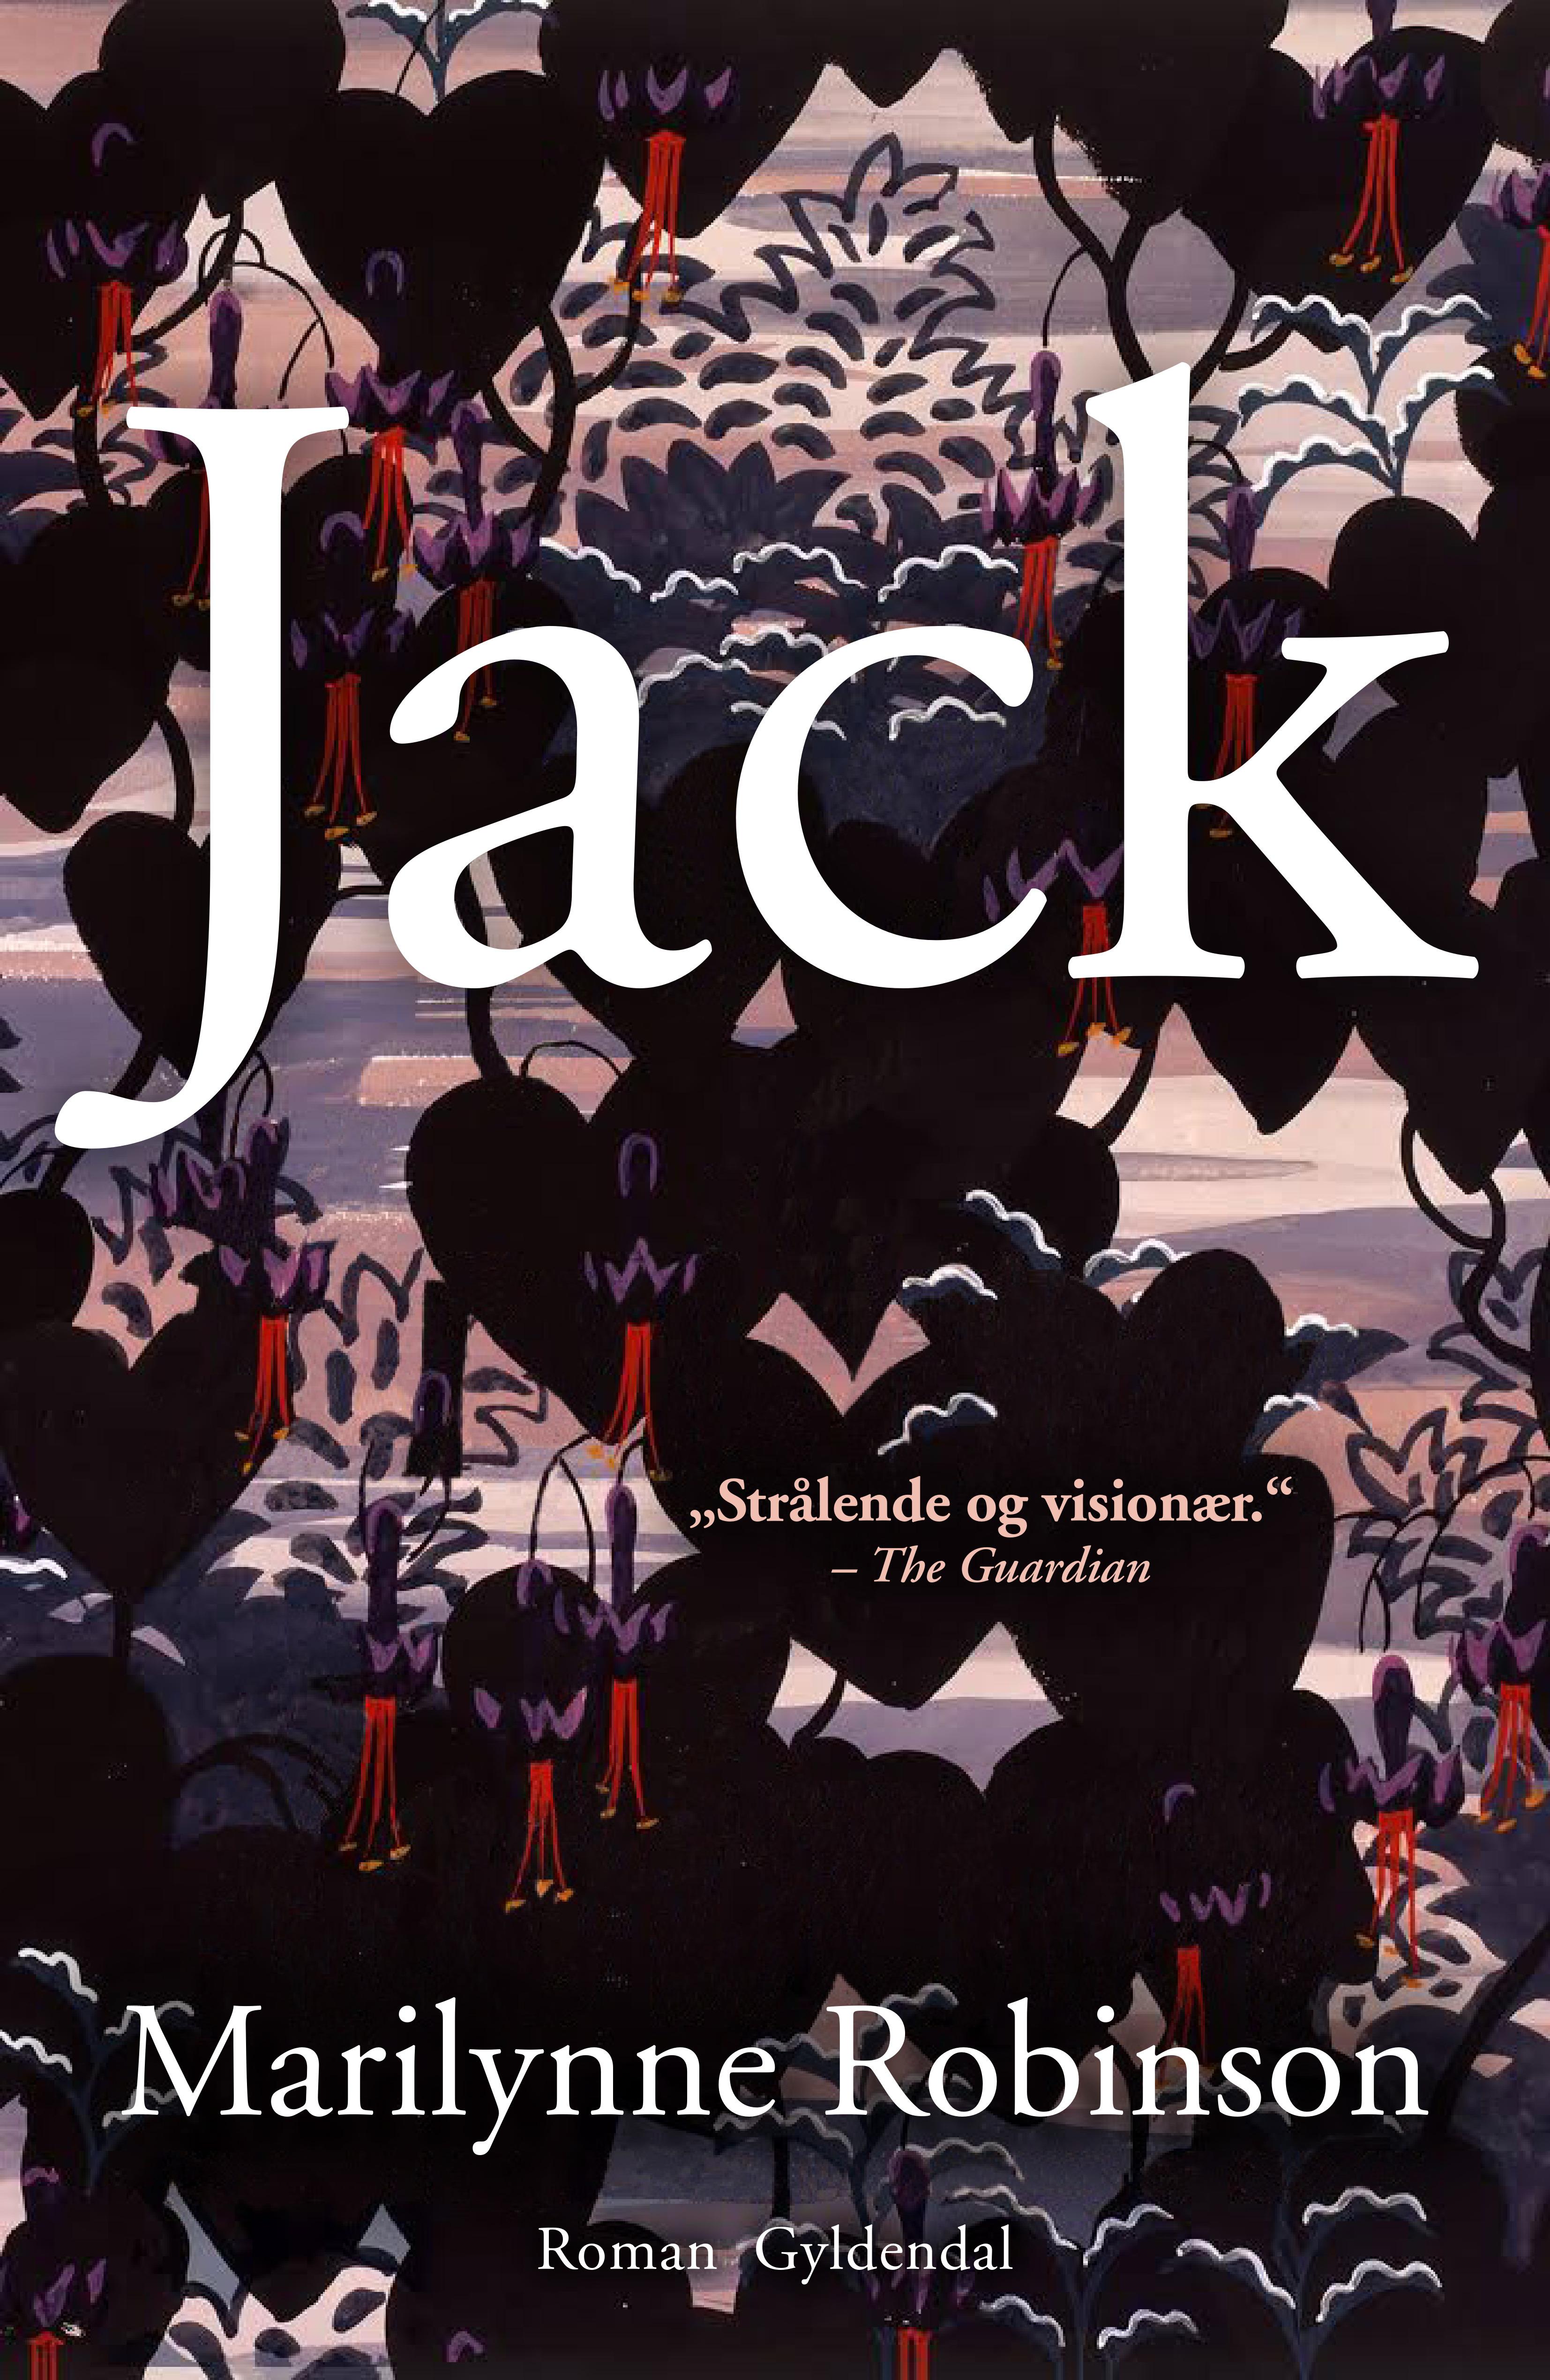 Jack - Marilynne Robinson - Bøger - Gyldendal - 9788702309935 - August 13, 2021